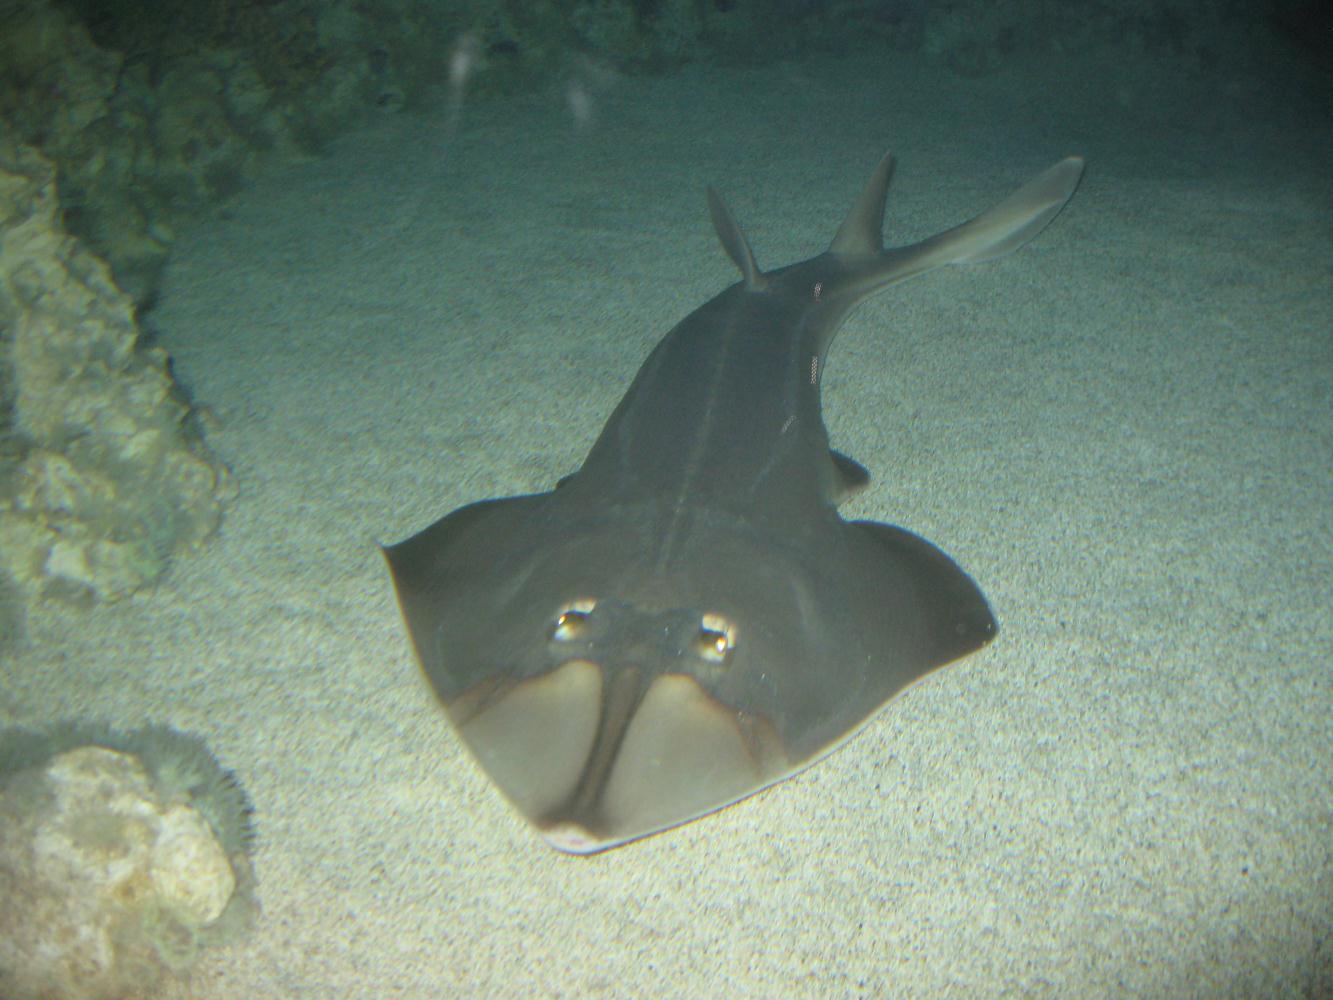 Shovelnose Ray (Guitarfish)